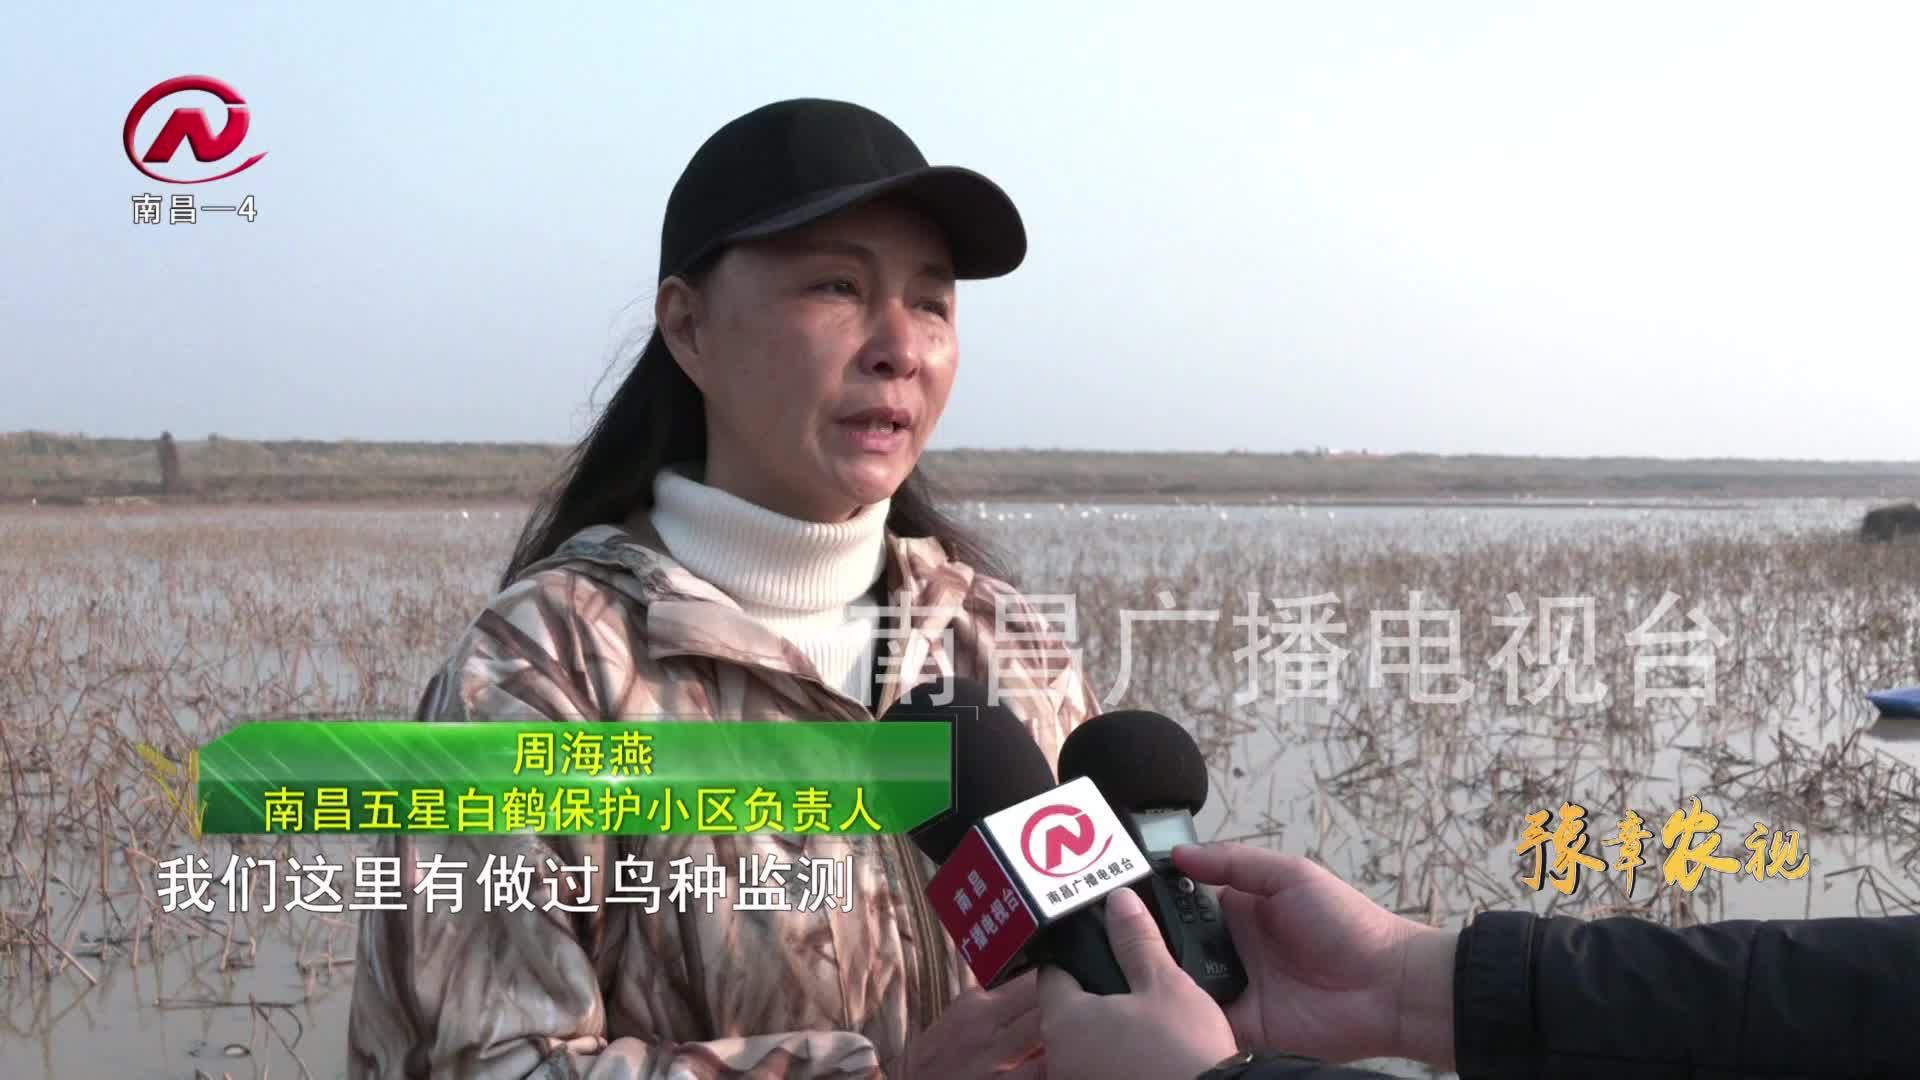 【豫章农视】自在云间白鹤飞 超2800只白鹤飞抵南昌越冬